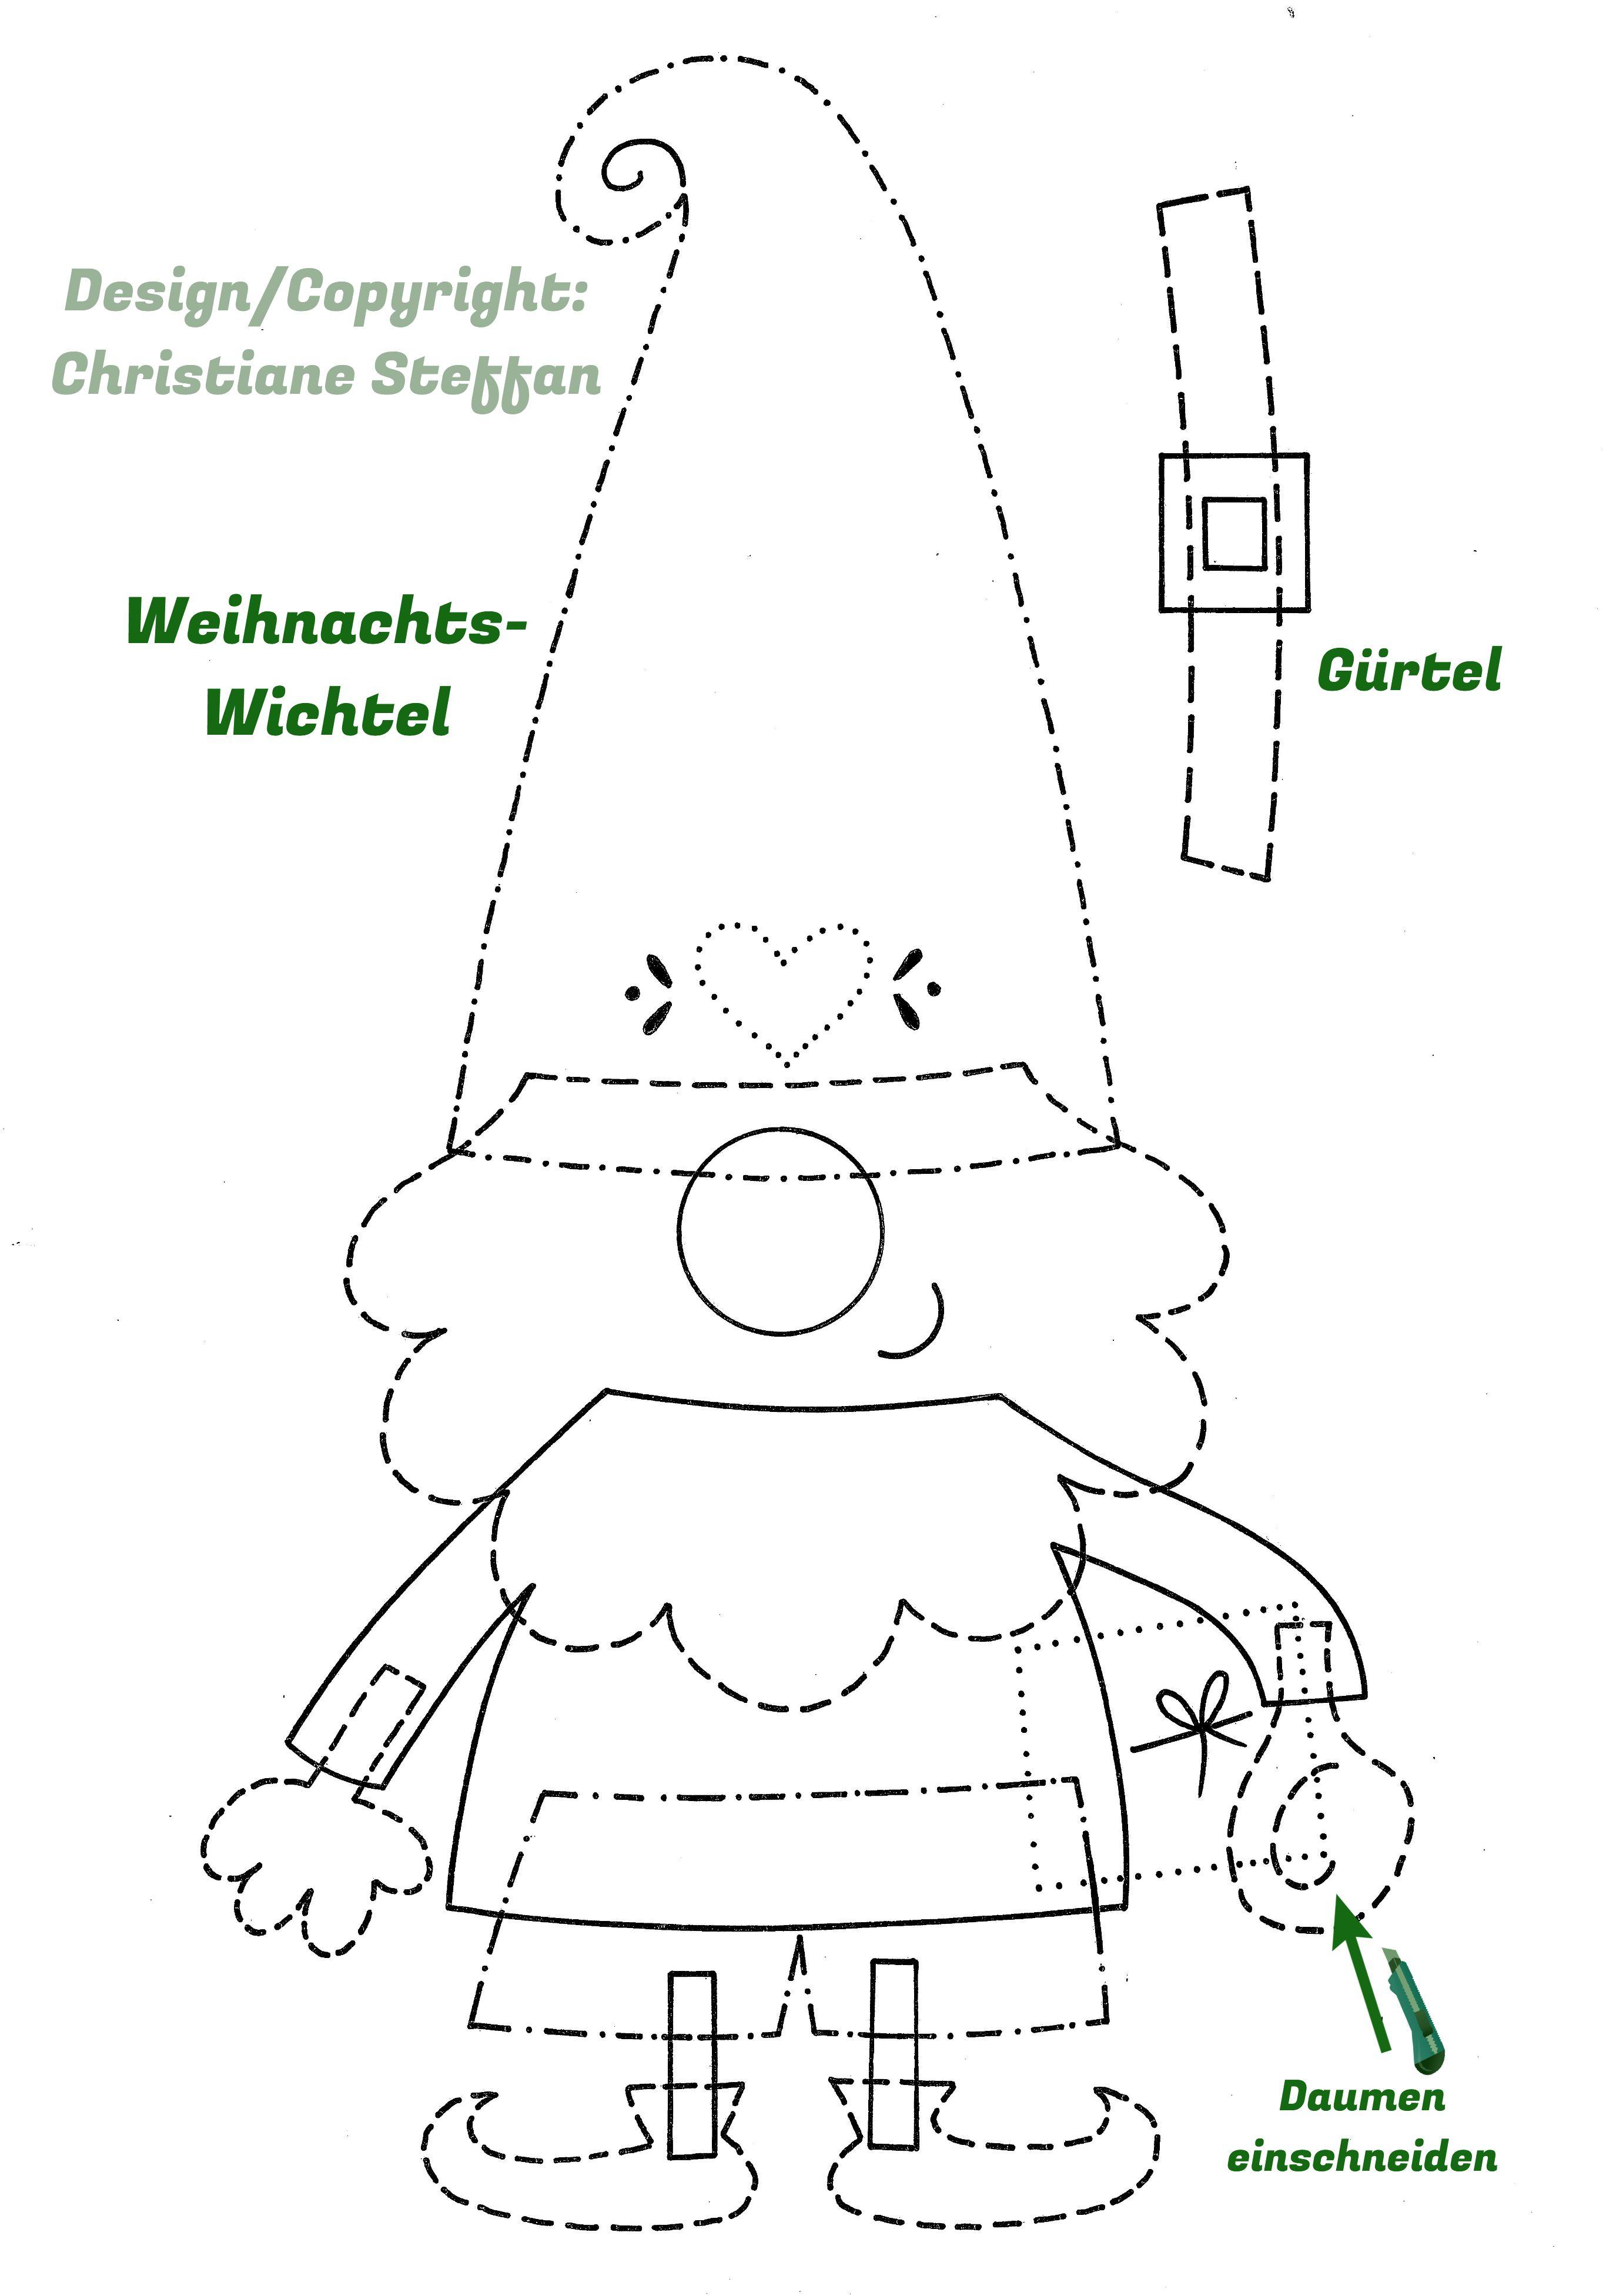 Wichtel Schablone Zum Download Daskochrezept 9